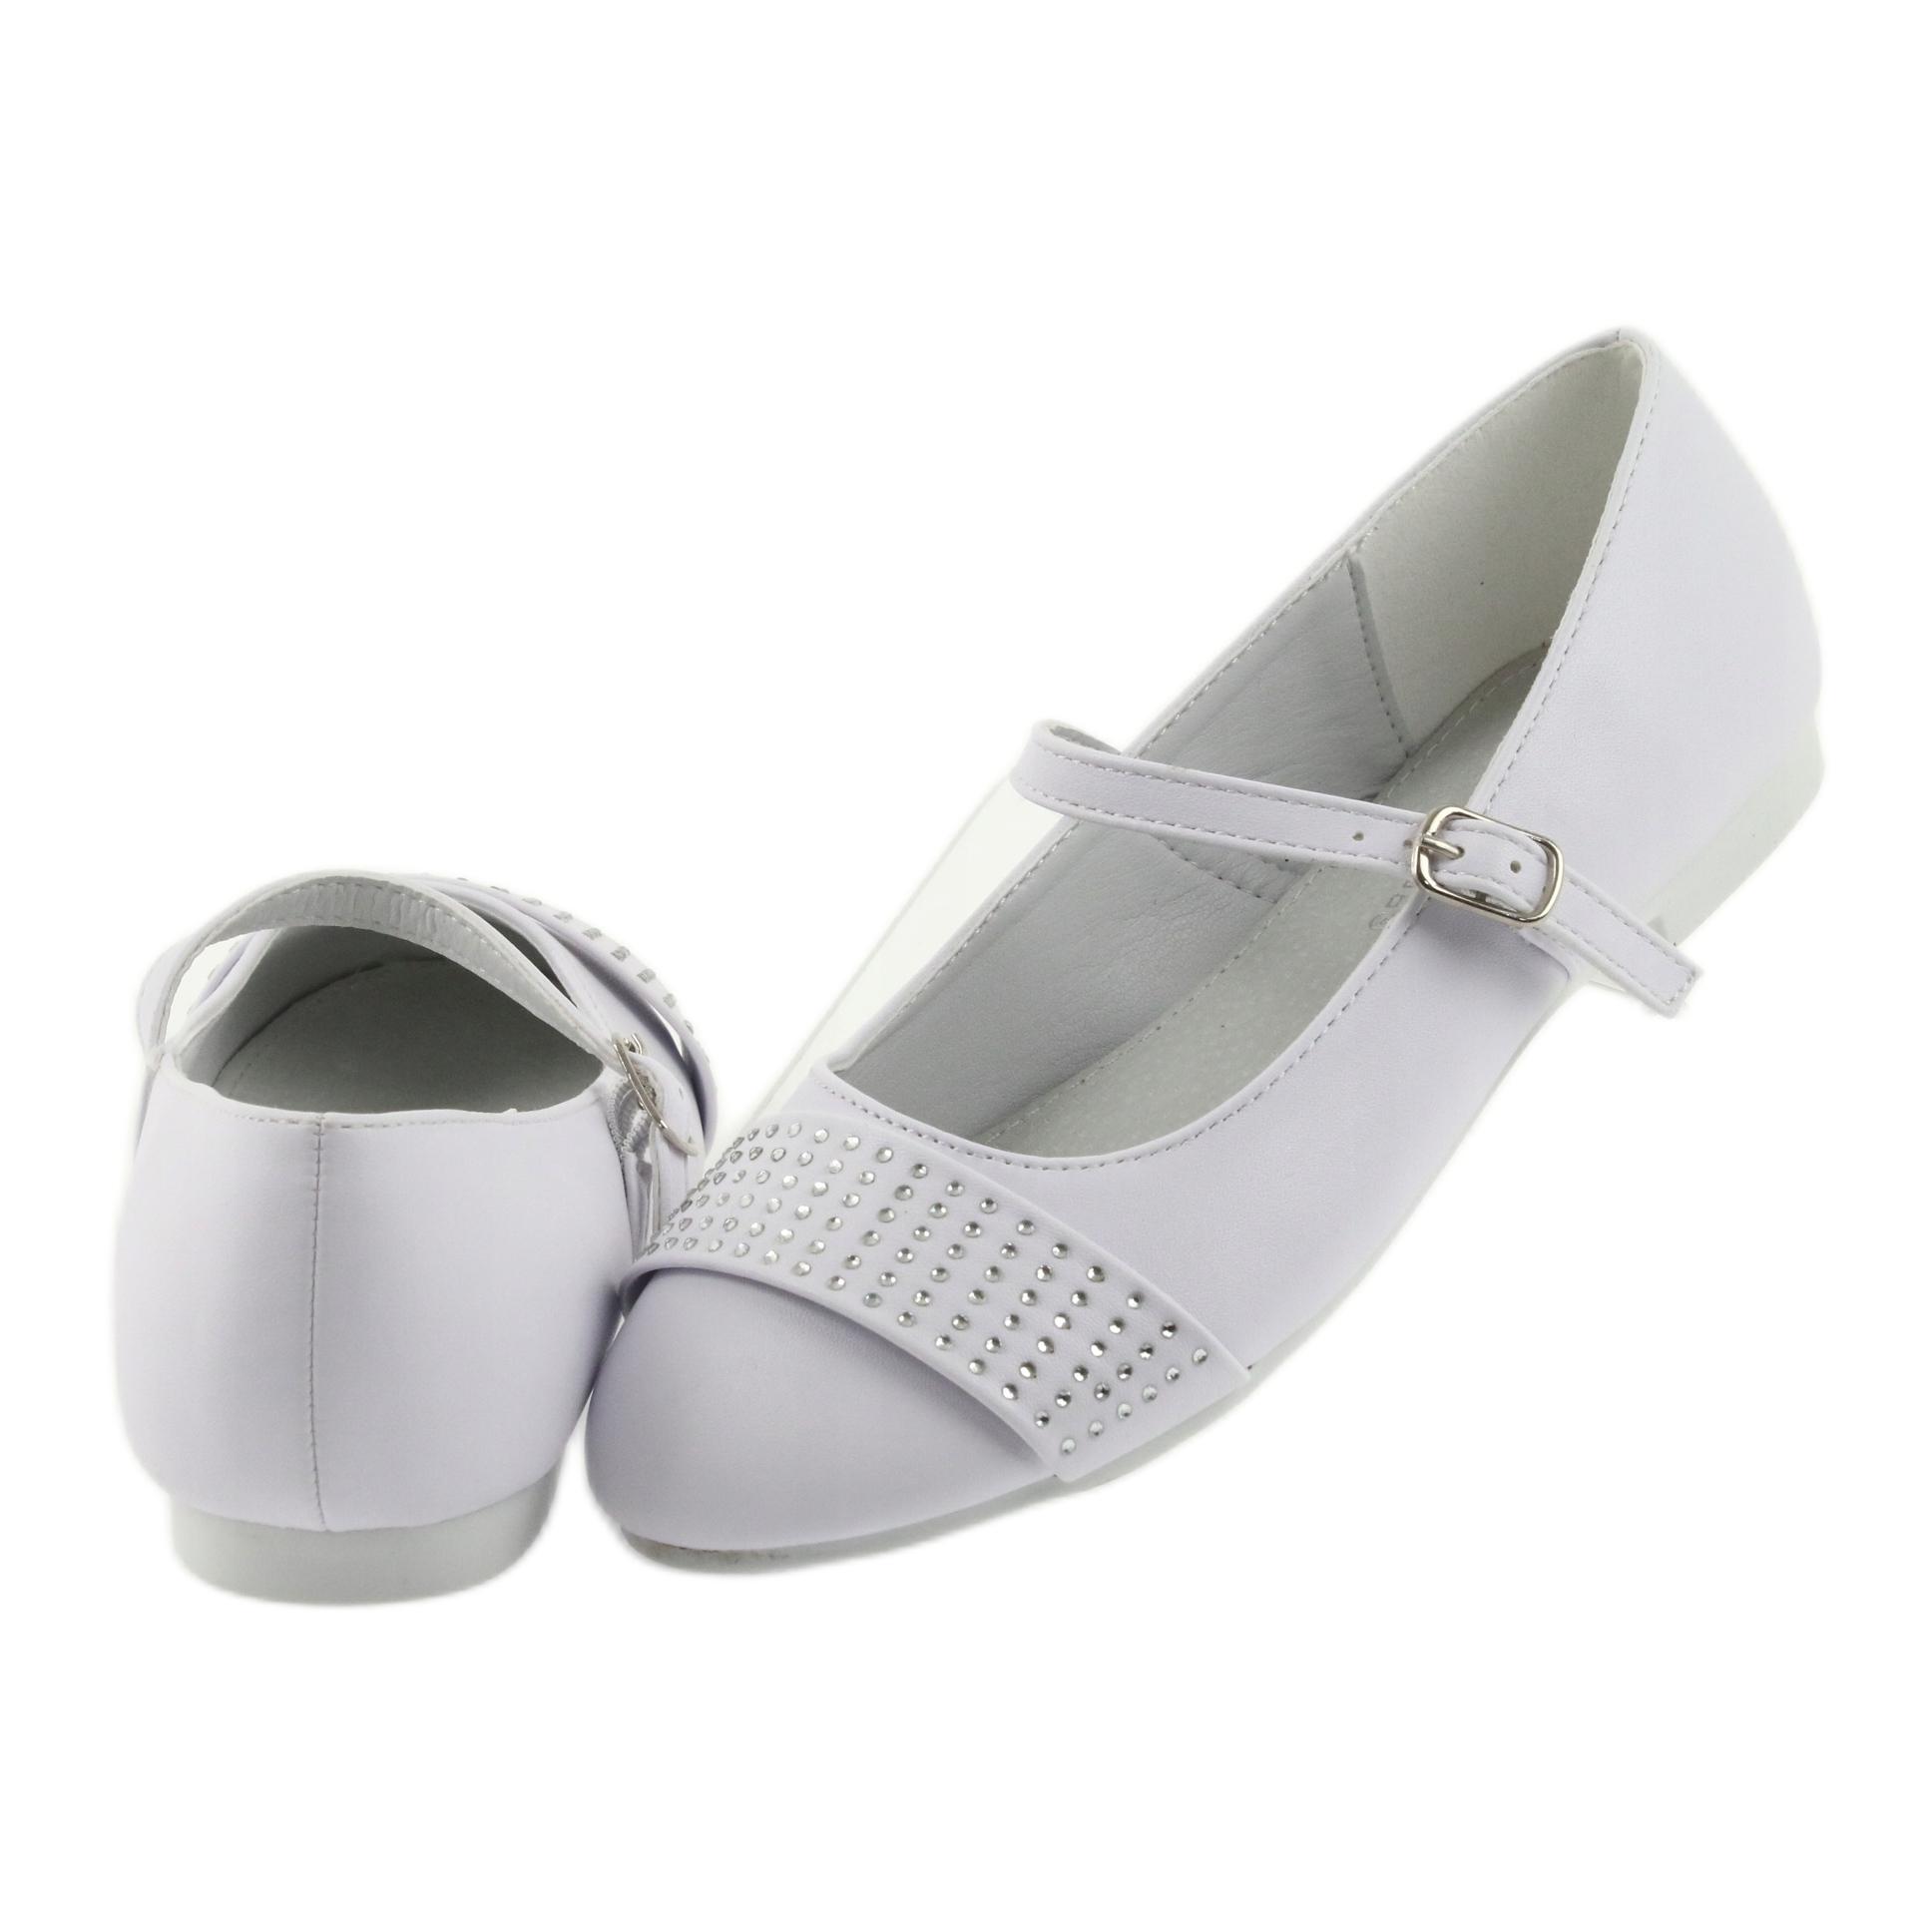 miniatura 6 - Pompe scarpe per bambini Comunione Ballerine strass American Club 11/19 bianco